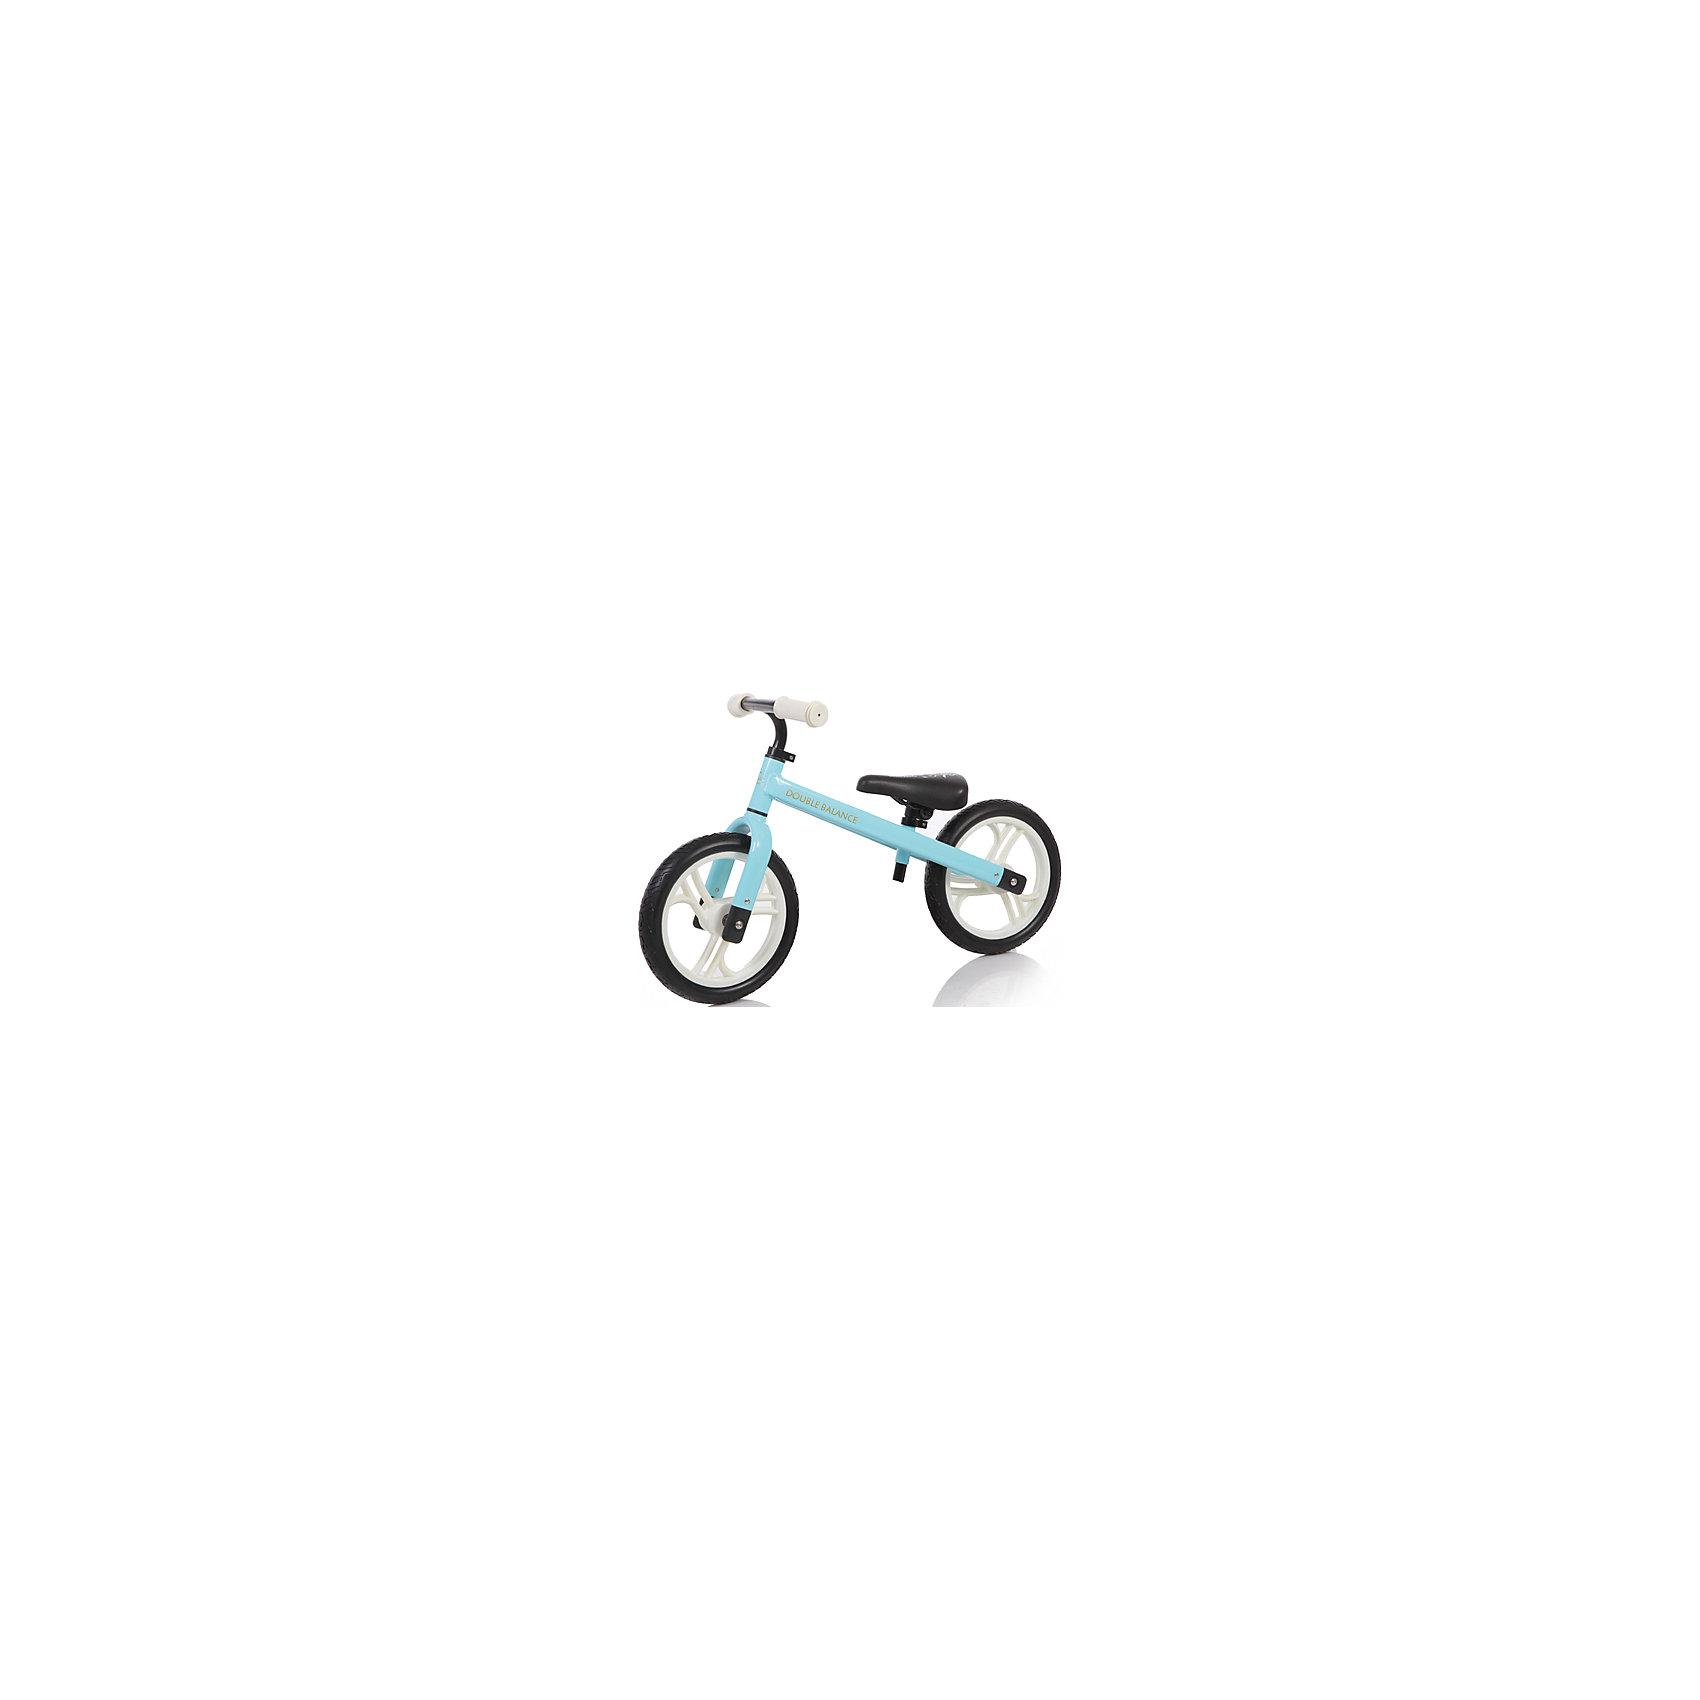 Беговел, синий, JetemБеговелы – это детские двухколесные велосипеды, у которых нет педалей. Они совмещают в себе черты велосипеда и самоката и помогают научиться удерживать равновесие.<br>Беговел Jetem (Жетем) оснащен удобным сидением и полиуретановыми колесами, не требующими накачивания. Высоту сидения можно регулировать.<br><br>Дополнительная информация:<br><br>Руль регулируется по высоте<br>12 дюймовые колеса из полиуретана<br>Эргономичное сидение с мягкой накладкой<br>Алюминиевая рама<br>Максимальная нагрузка: 50 кг.<br>Для детей ростом: от 90 см до 125 см<br>Минимальная высота сиденья: от 35 см<br>Вес 2,97кг<br>Эргономичное сидение с мягкой накладкой<br>Без тормоза и подножки<br><br>Беговел, синий, Jetem (Жетем) можно купить в нашем магазине.<br><br>Ширина мм: 690<br>Глубина мм: 160<br>Высота мм: 350<br>Вес г: 3000<br>Возраст от месяцев: 24<br>Возраст до месяцев: 72<br>Пол: Унисекс<br>Возраст: Детский<br>SKU: 4618474